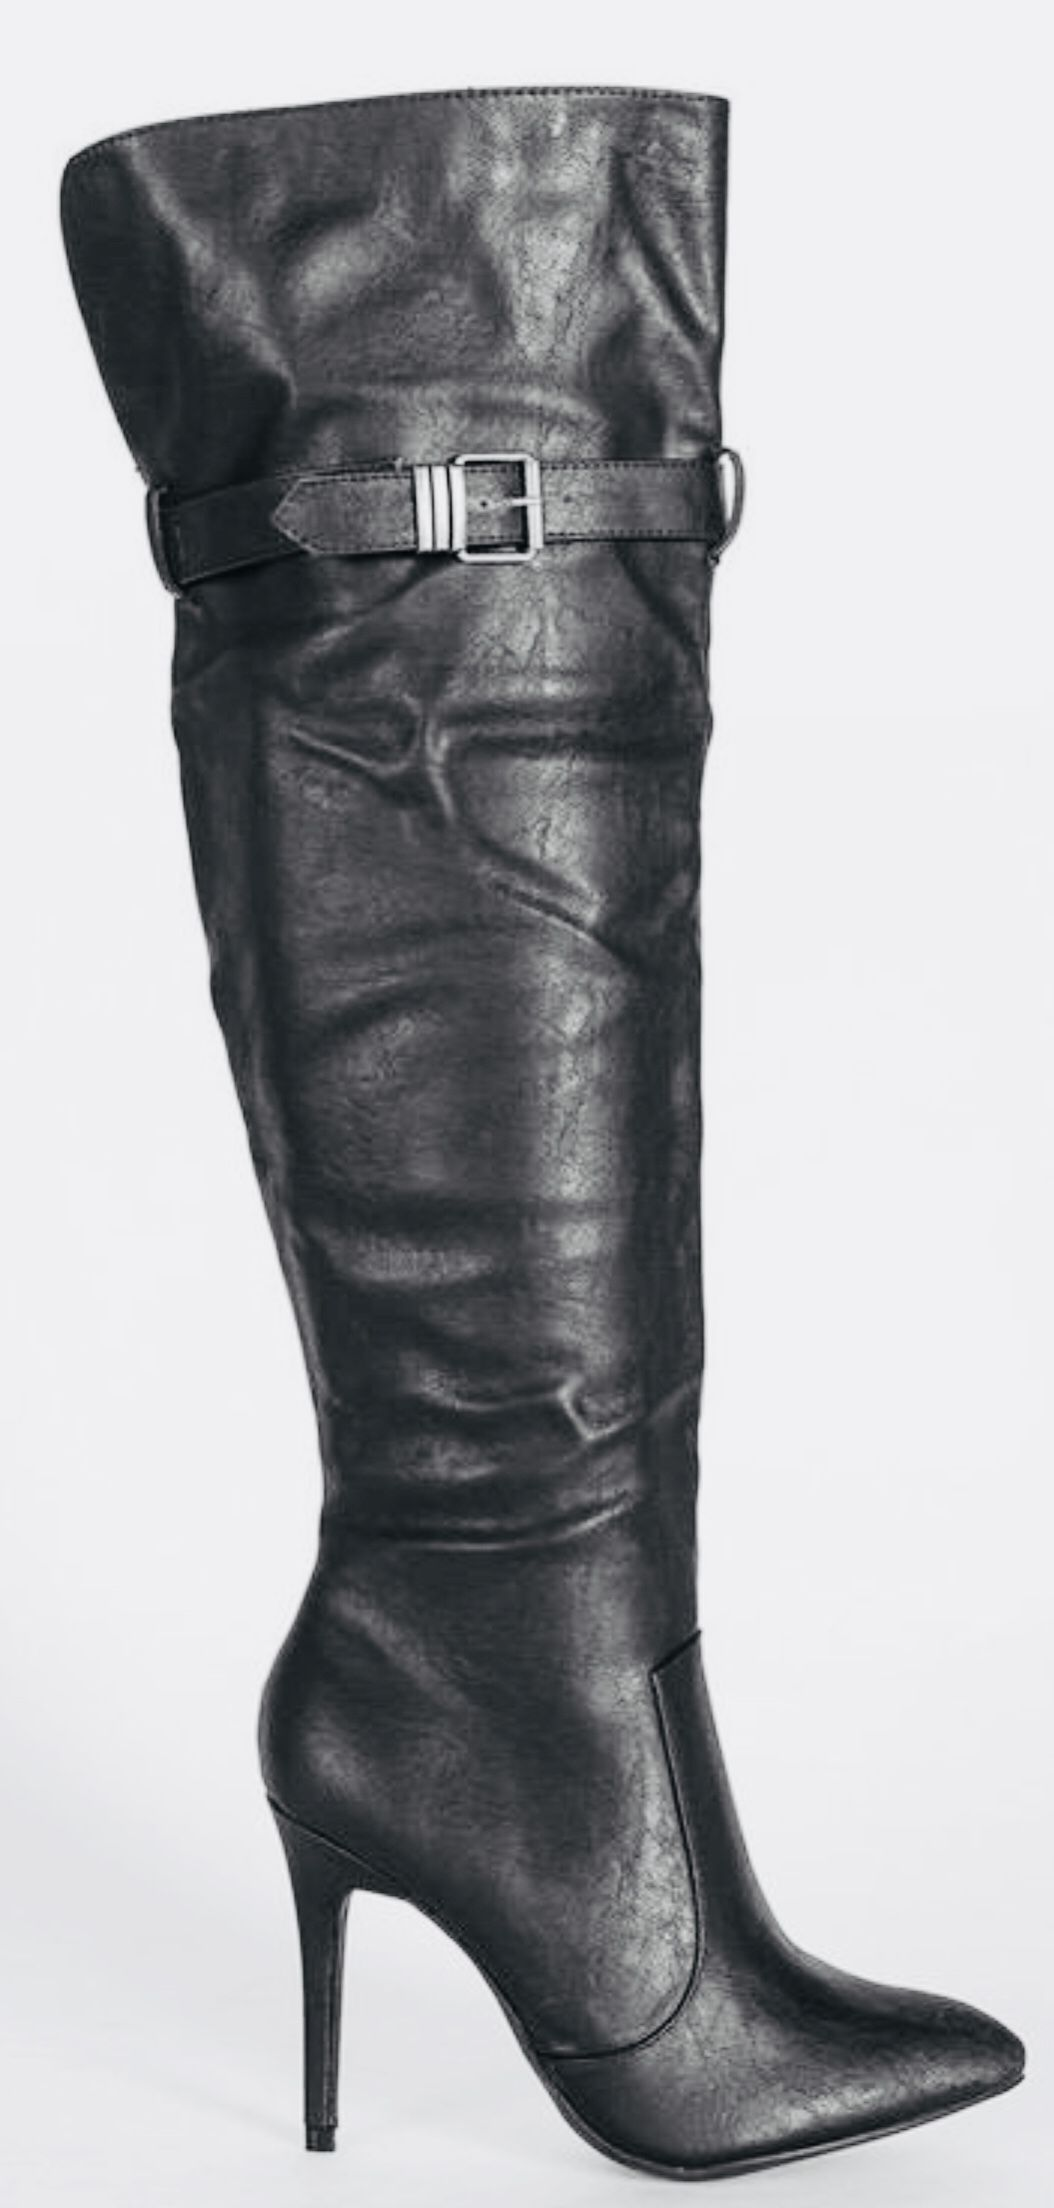 5fb9fab88a428 Pin von Sascha Mathzeit auf Overknee Stiefel | Overknee stiefel ...